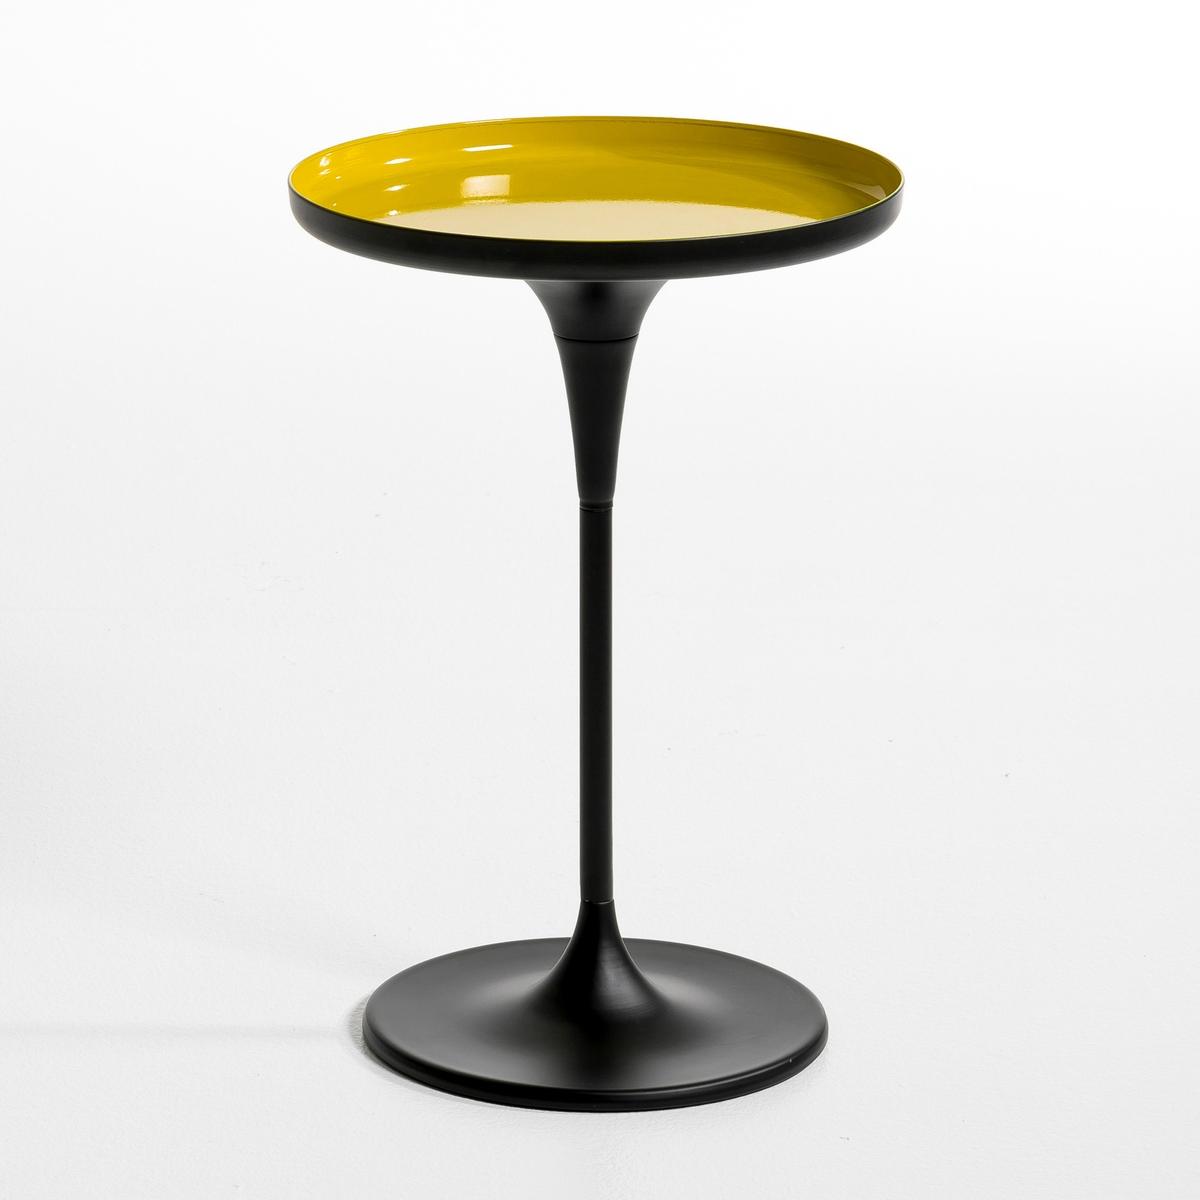 Столик круглый на одной ножке  Nymph?aОписание : - Из металла Размеры : - ?.35 x .50 см.Размеры и вес ящика :- .45 x .43,5 x .22,5 см, 3,7 кг .<br><br>Цвет: черный + сине-зеленый,черный,черный/ желтый,черный/ красный,черный/ серо-коричневый